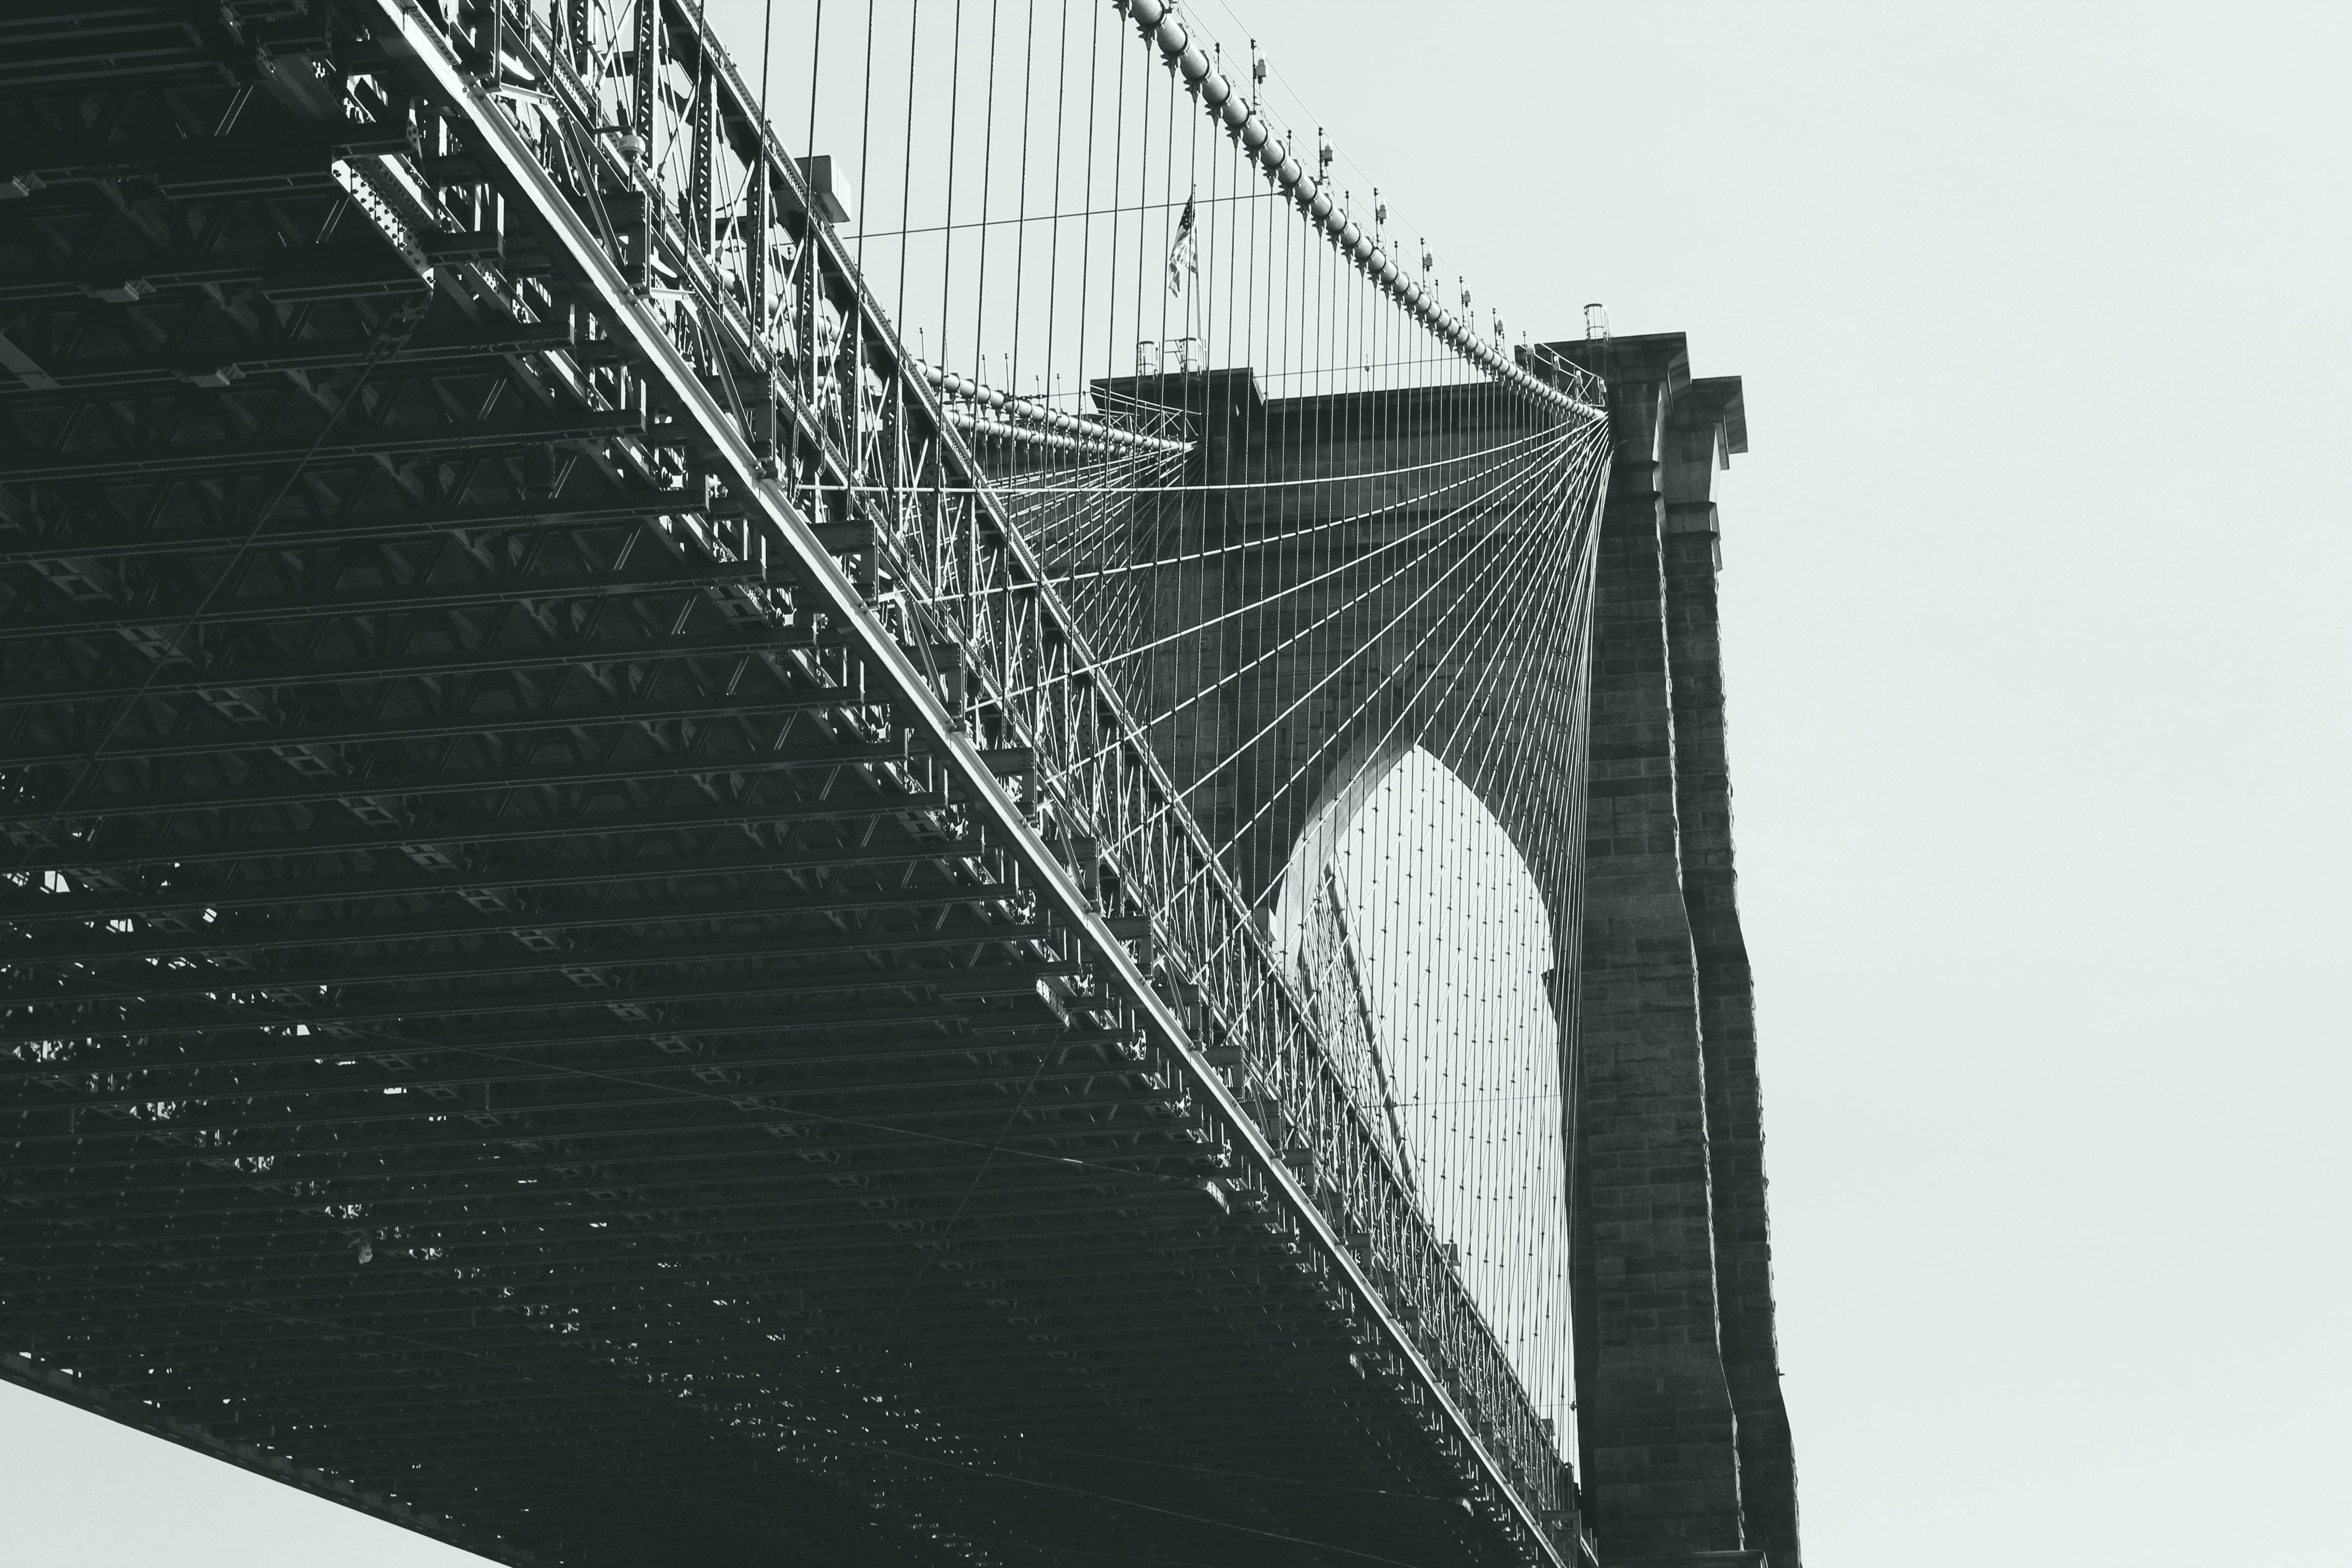 Бруклинский мост черно-белое США мост